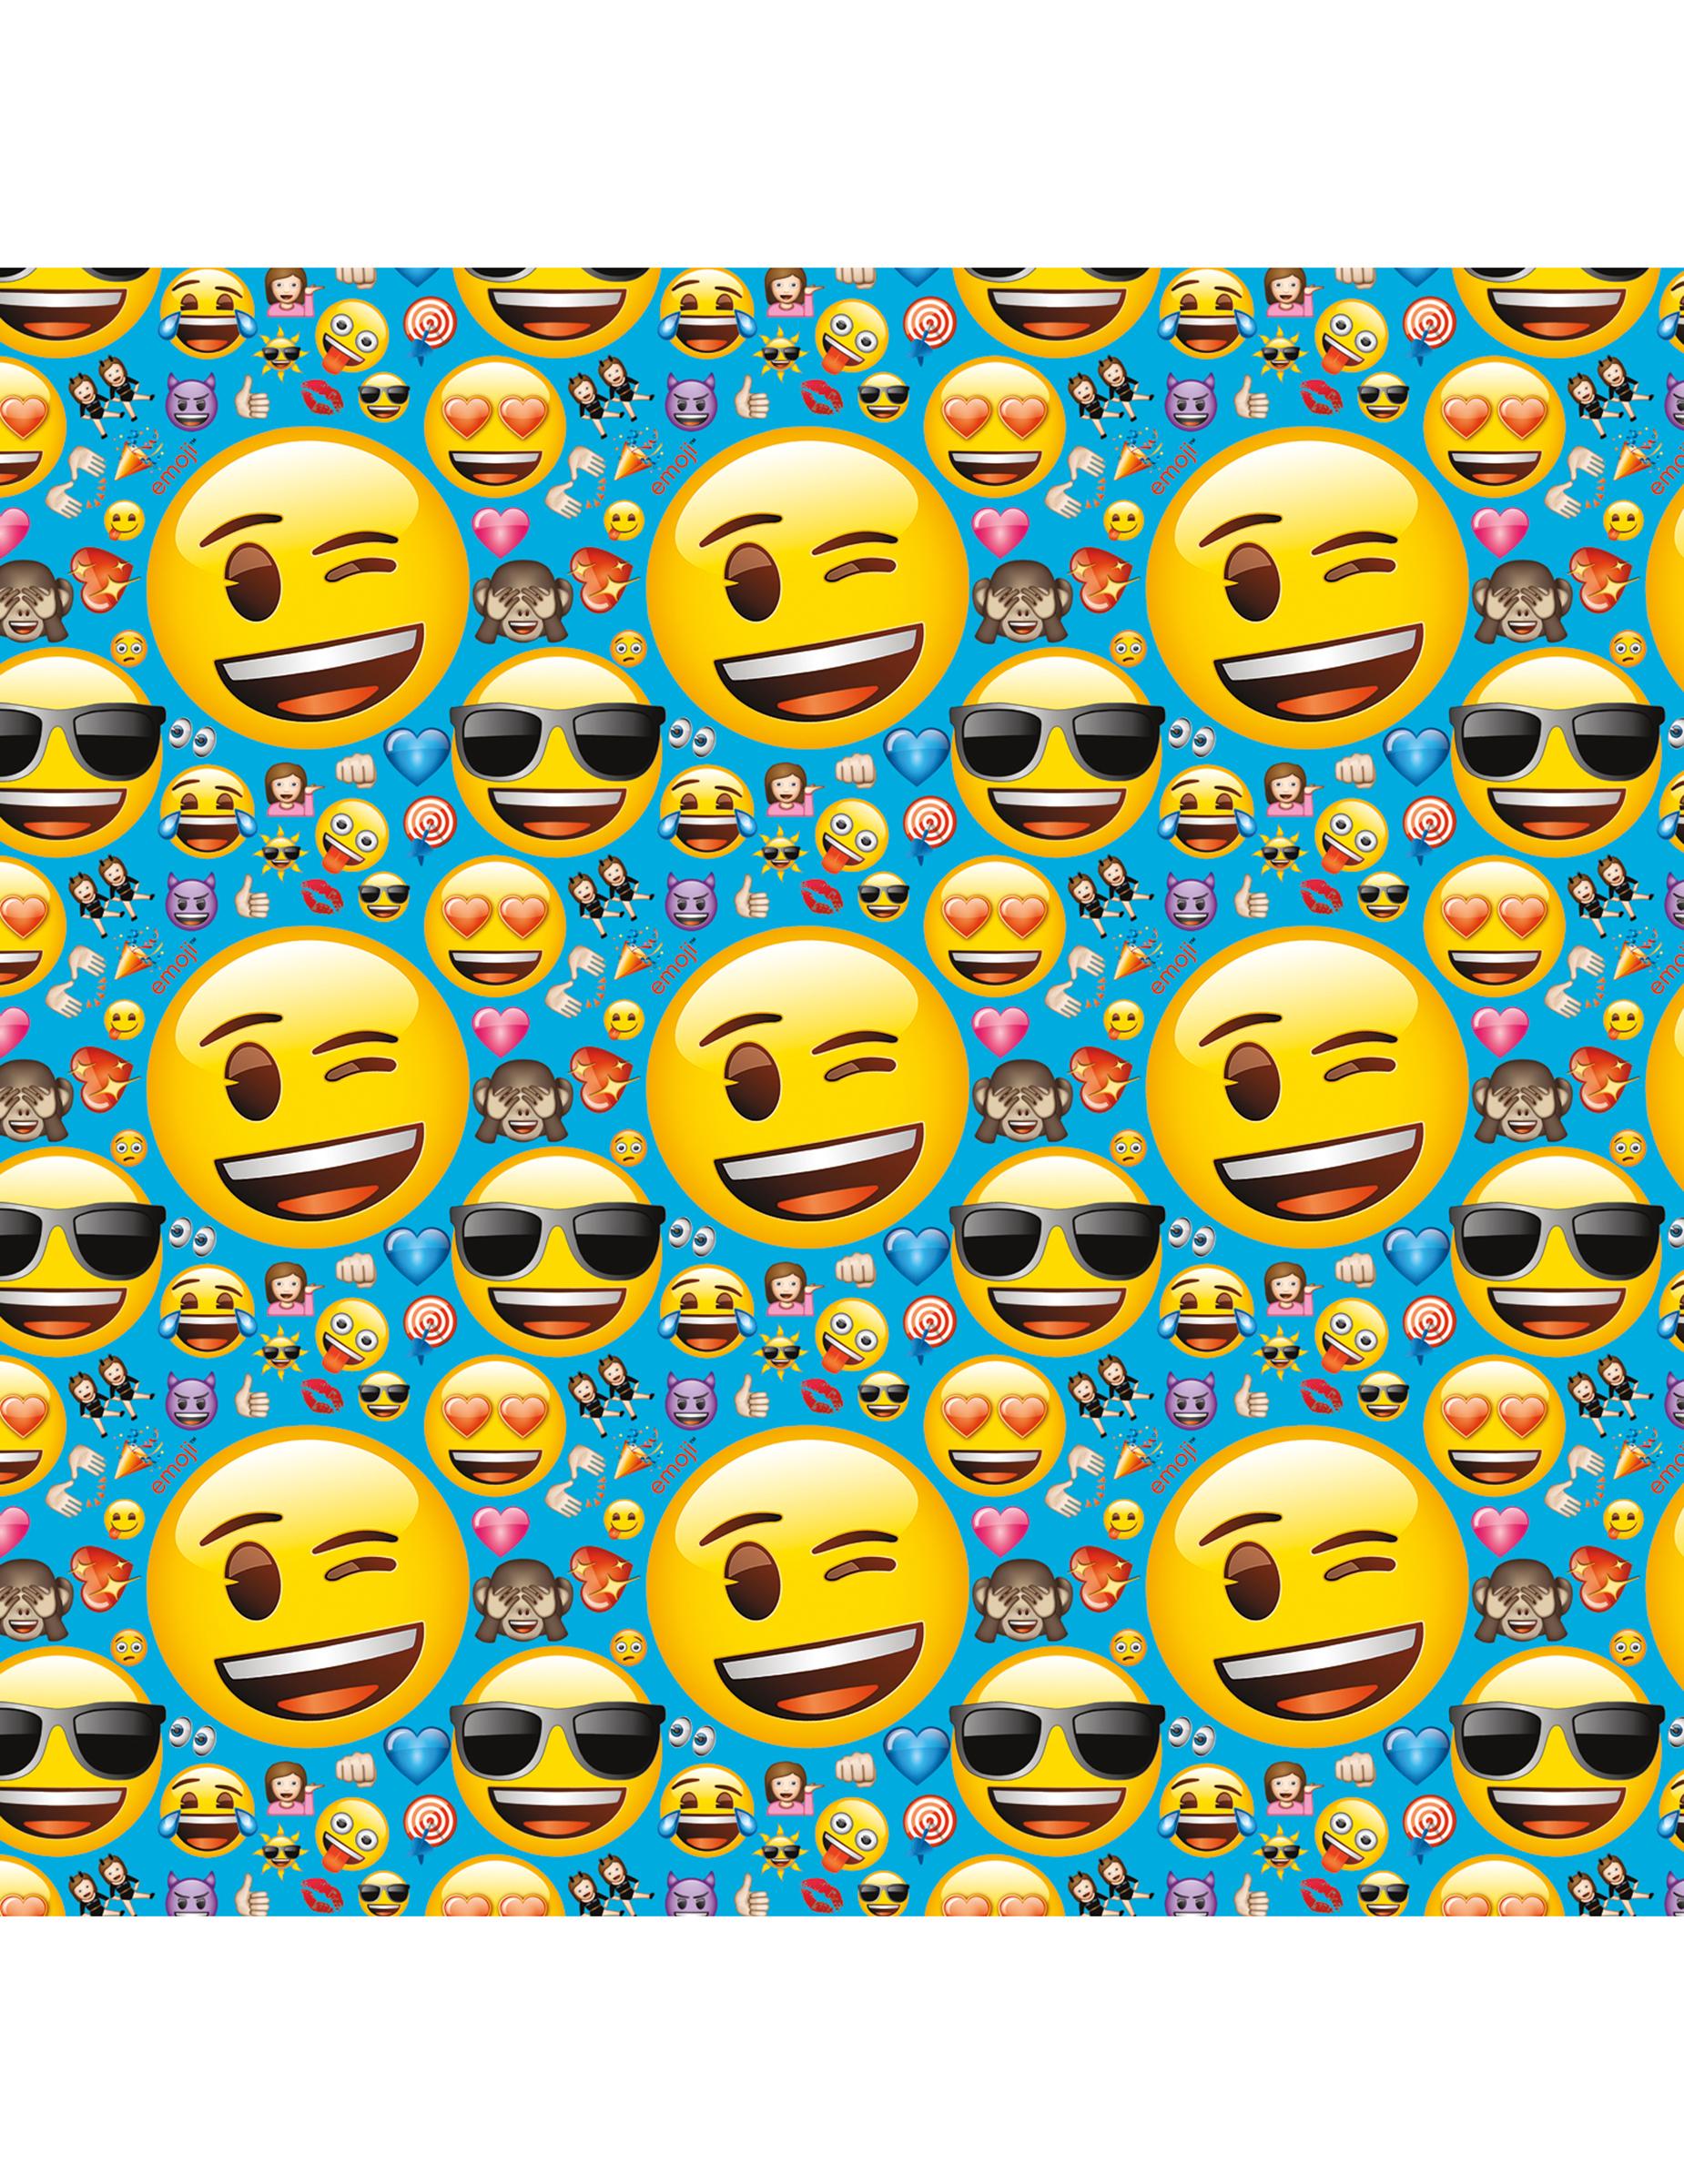 Papier cadeau emoji d coration anniversaire et f tes - Papier cadeau personnalisable ...